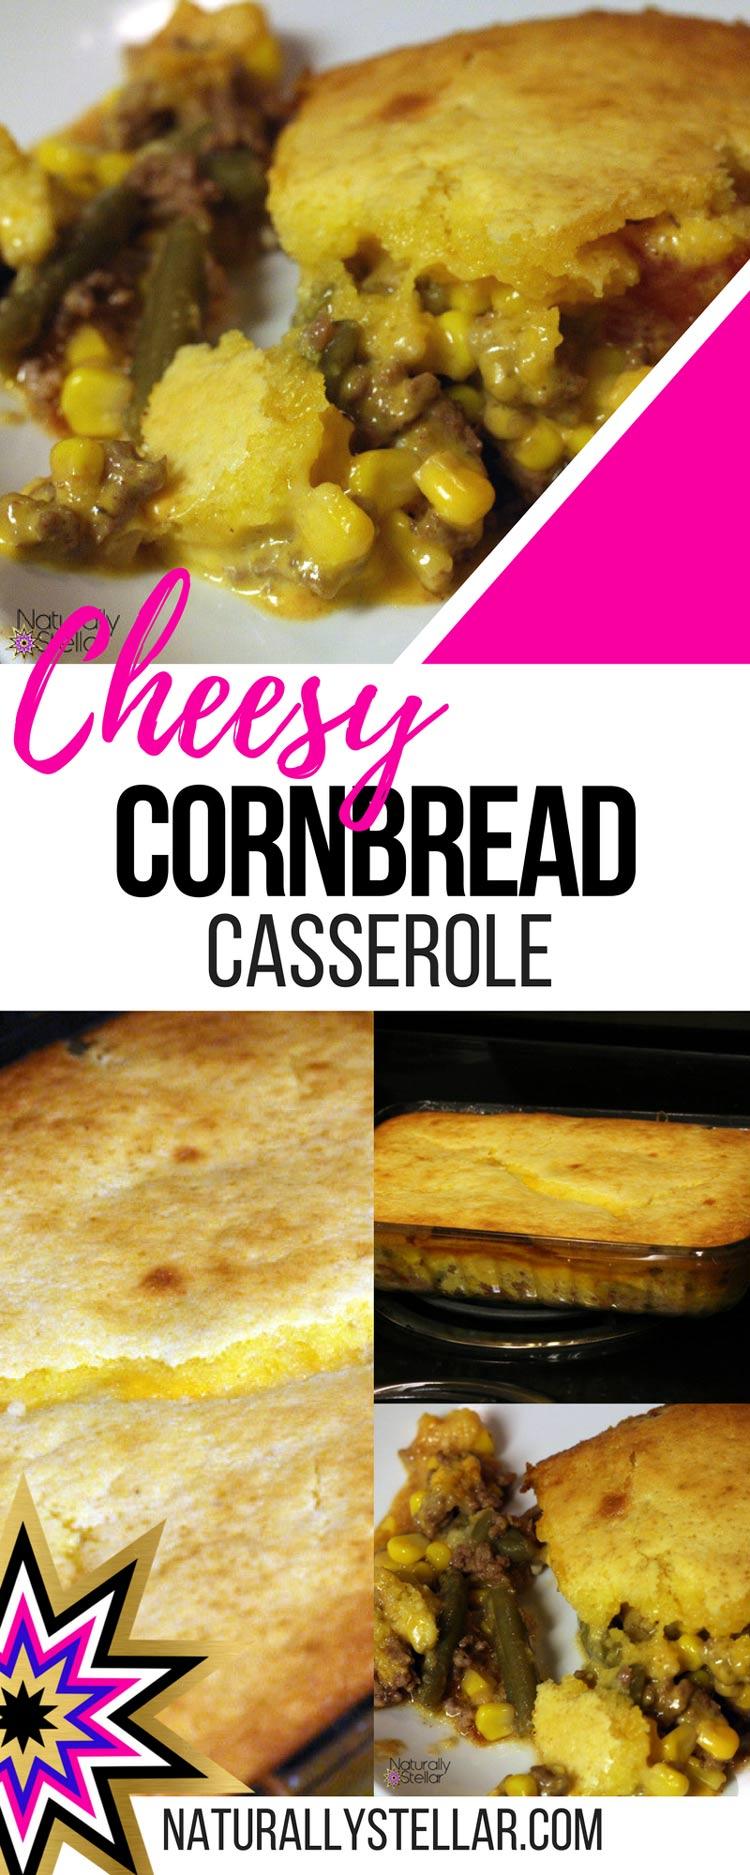 Cheesy Cornbread Casserole Recipe | Naturally Stellar